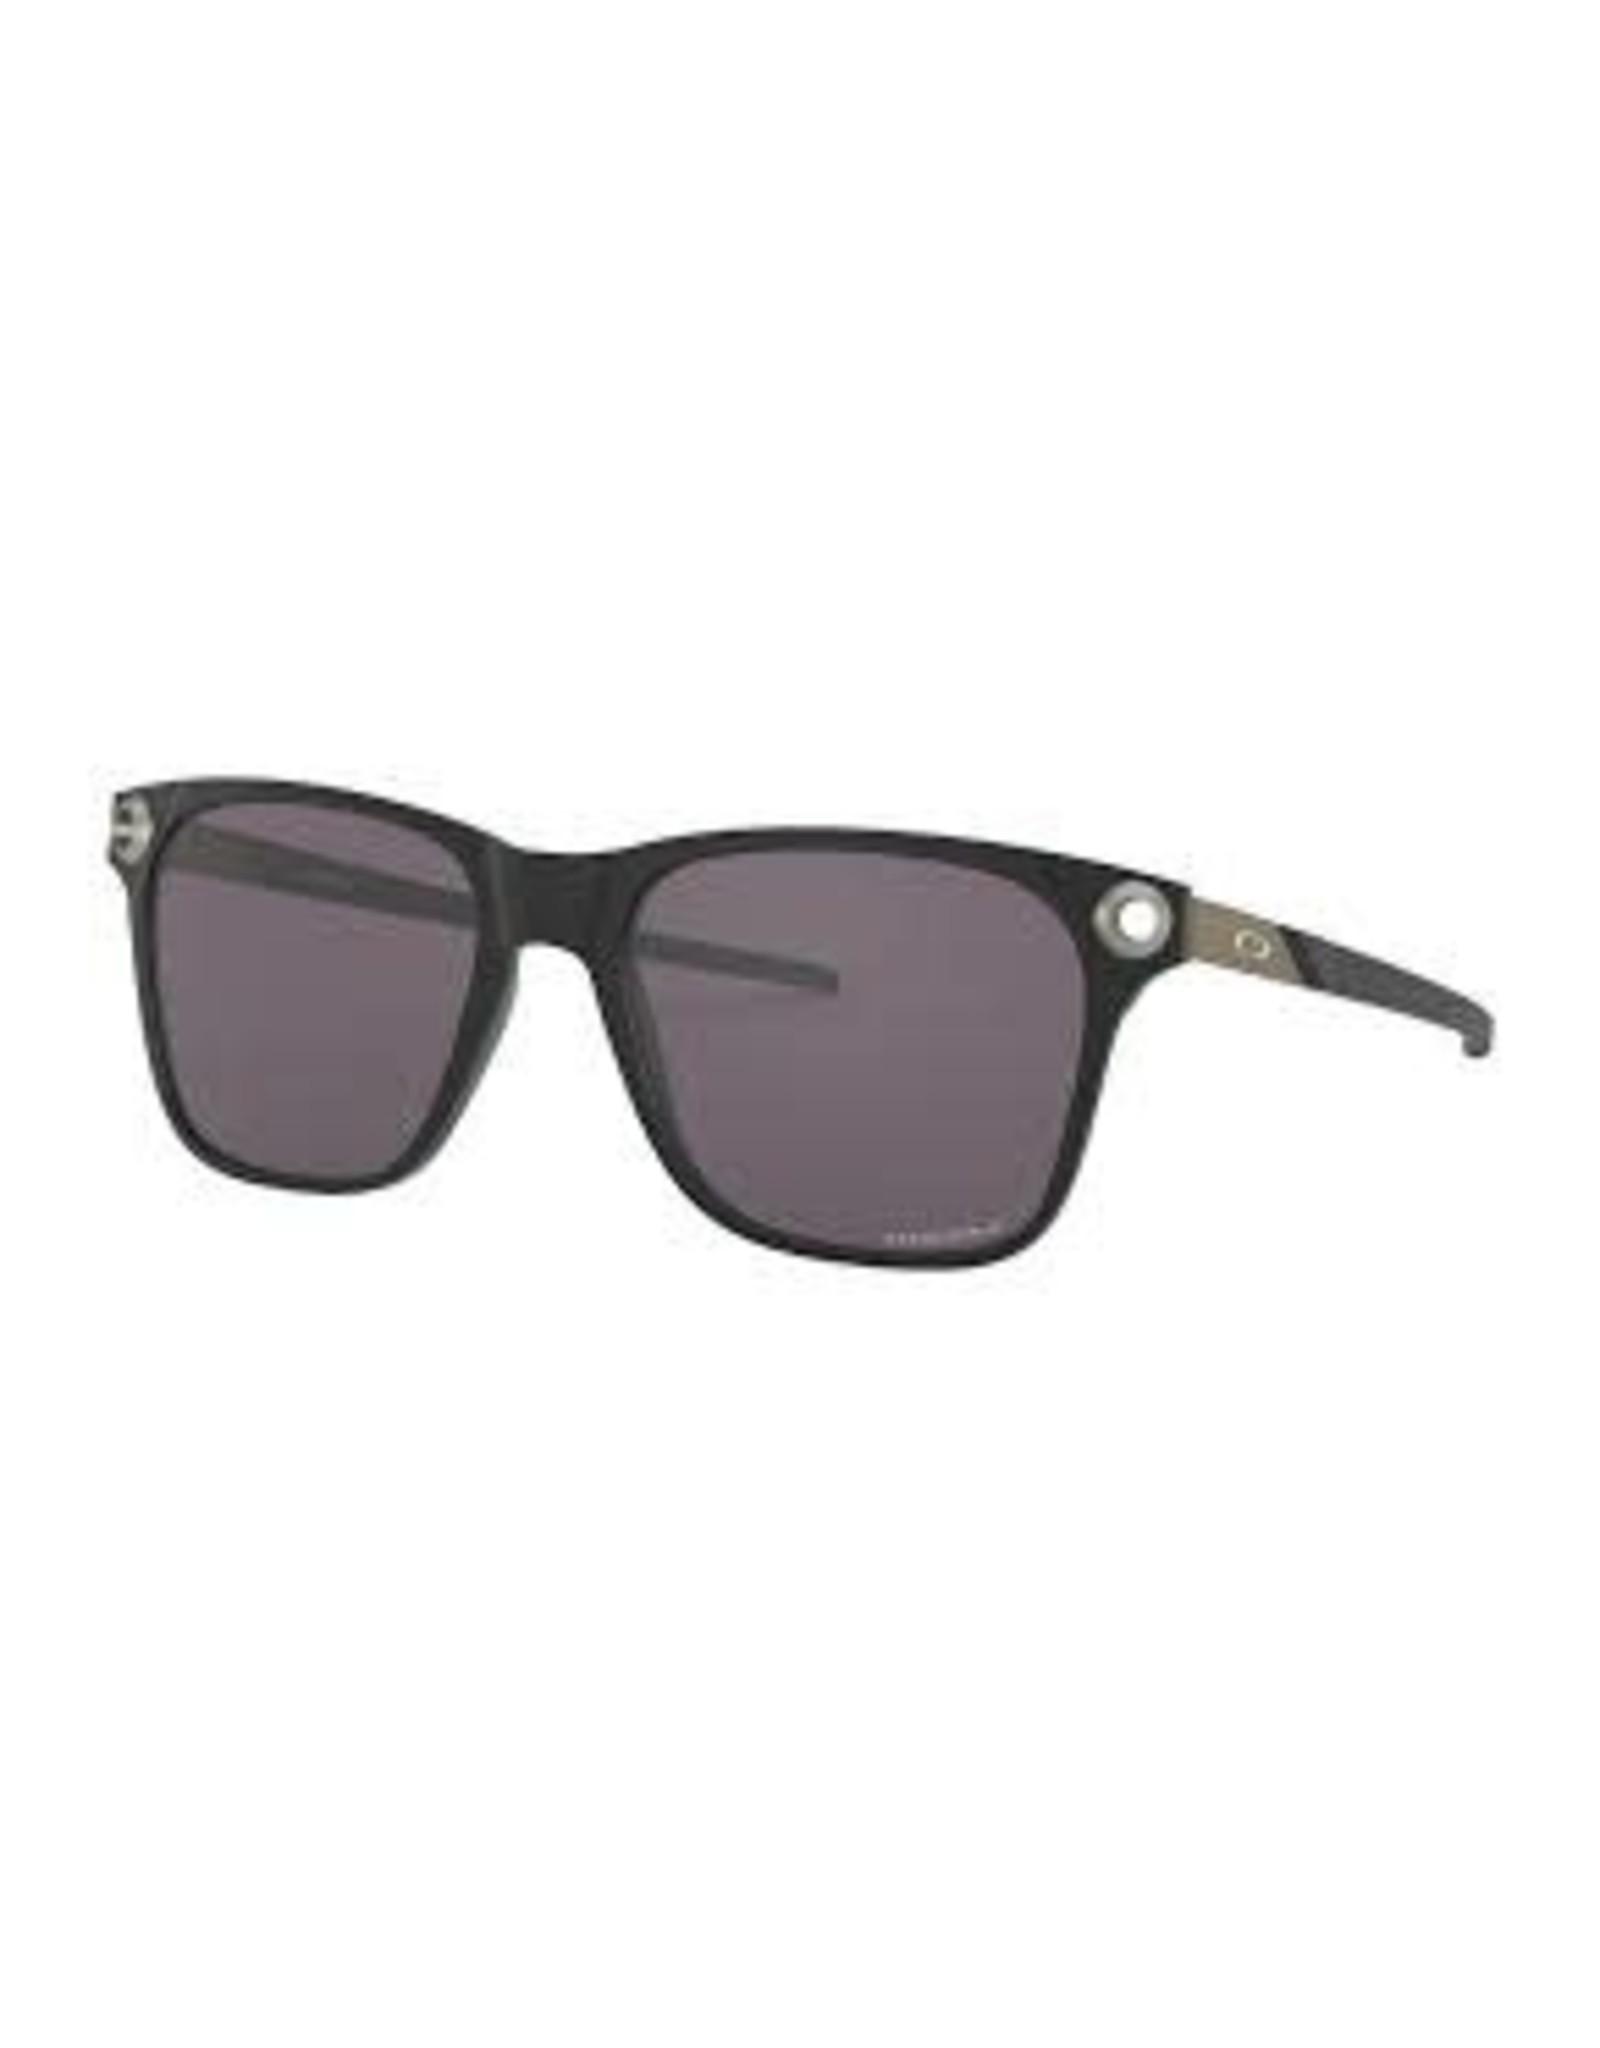 Oakley Oakley - lunette soleil apparition satin concrete W